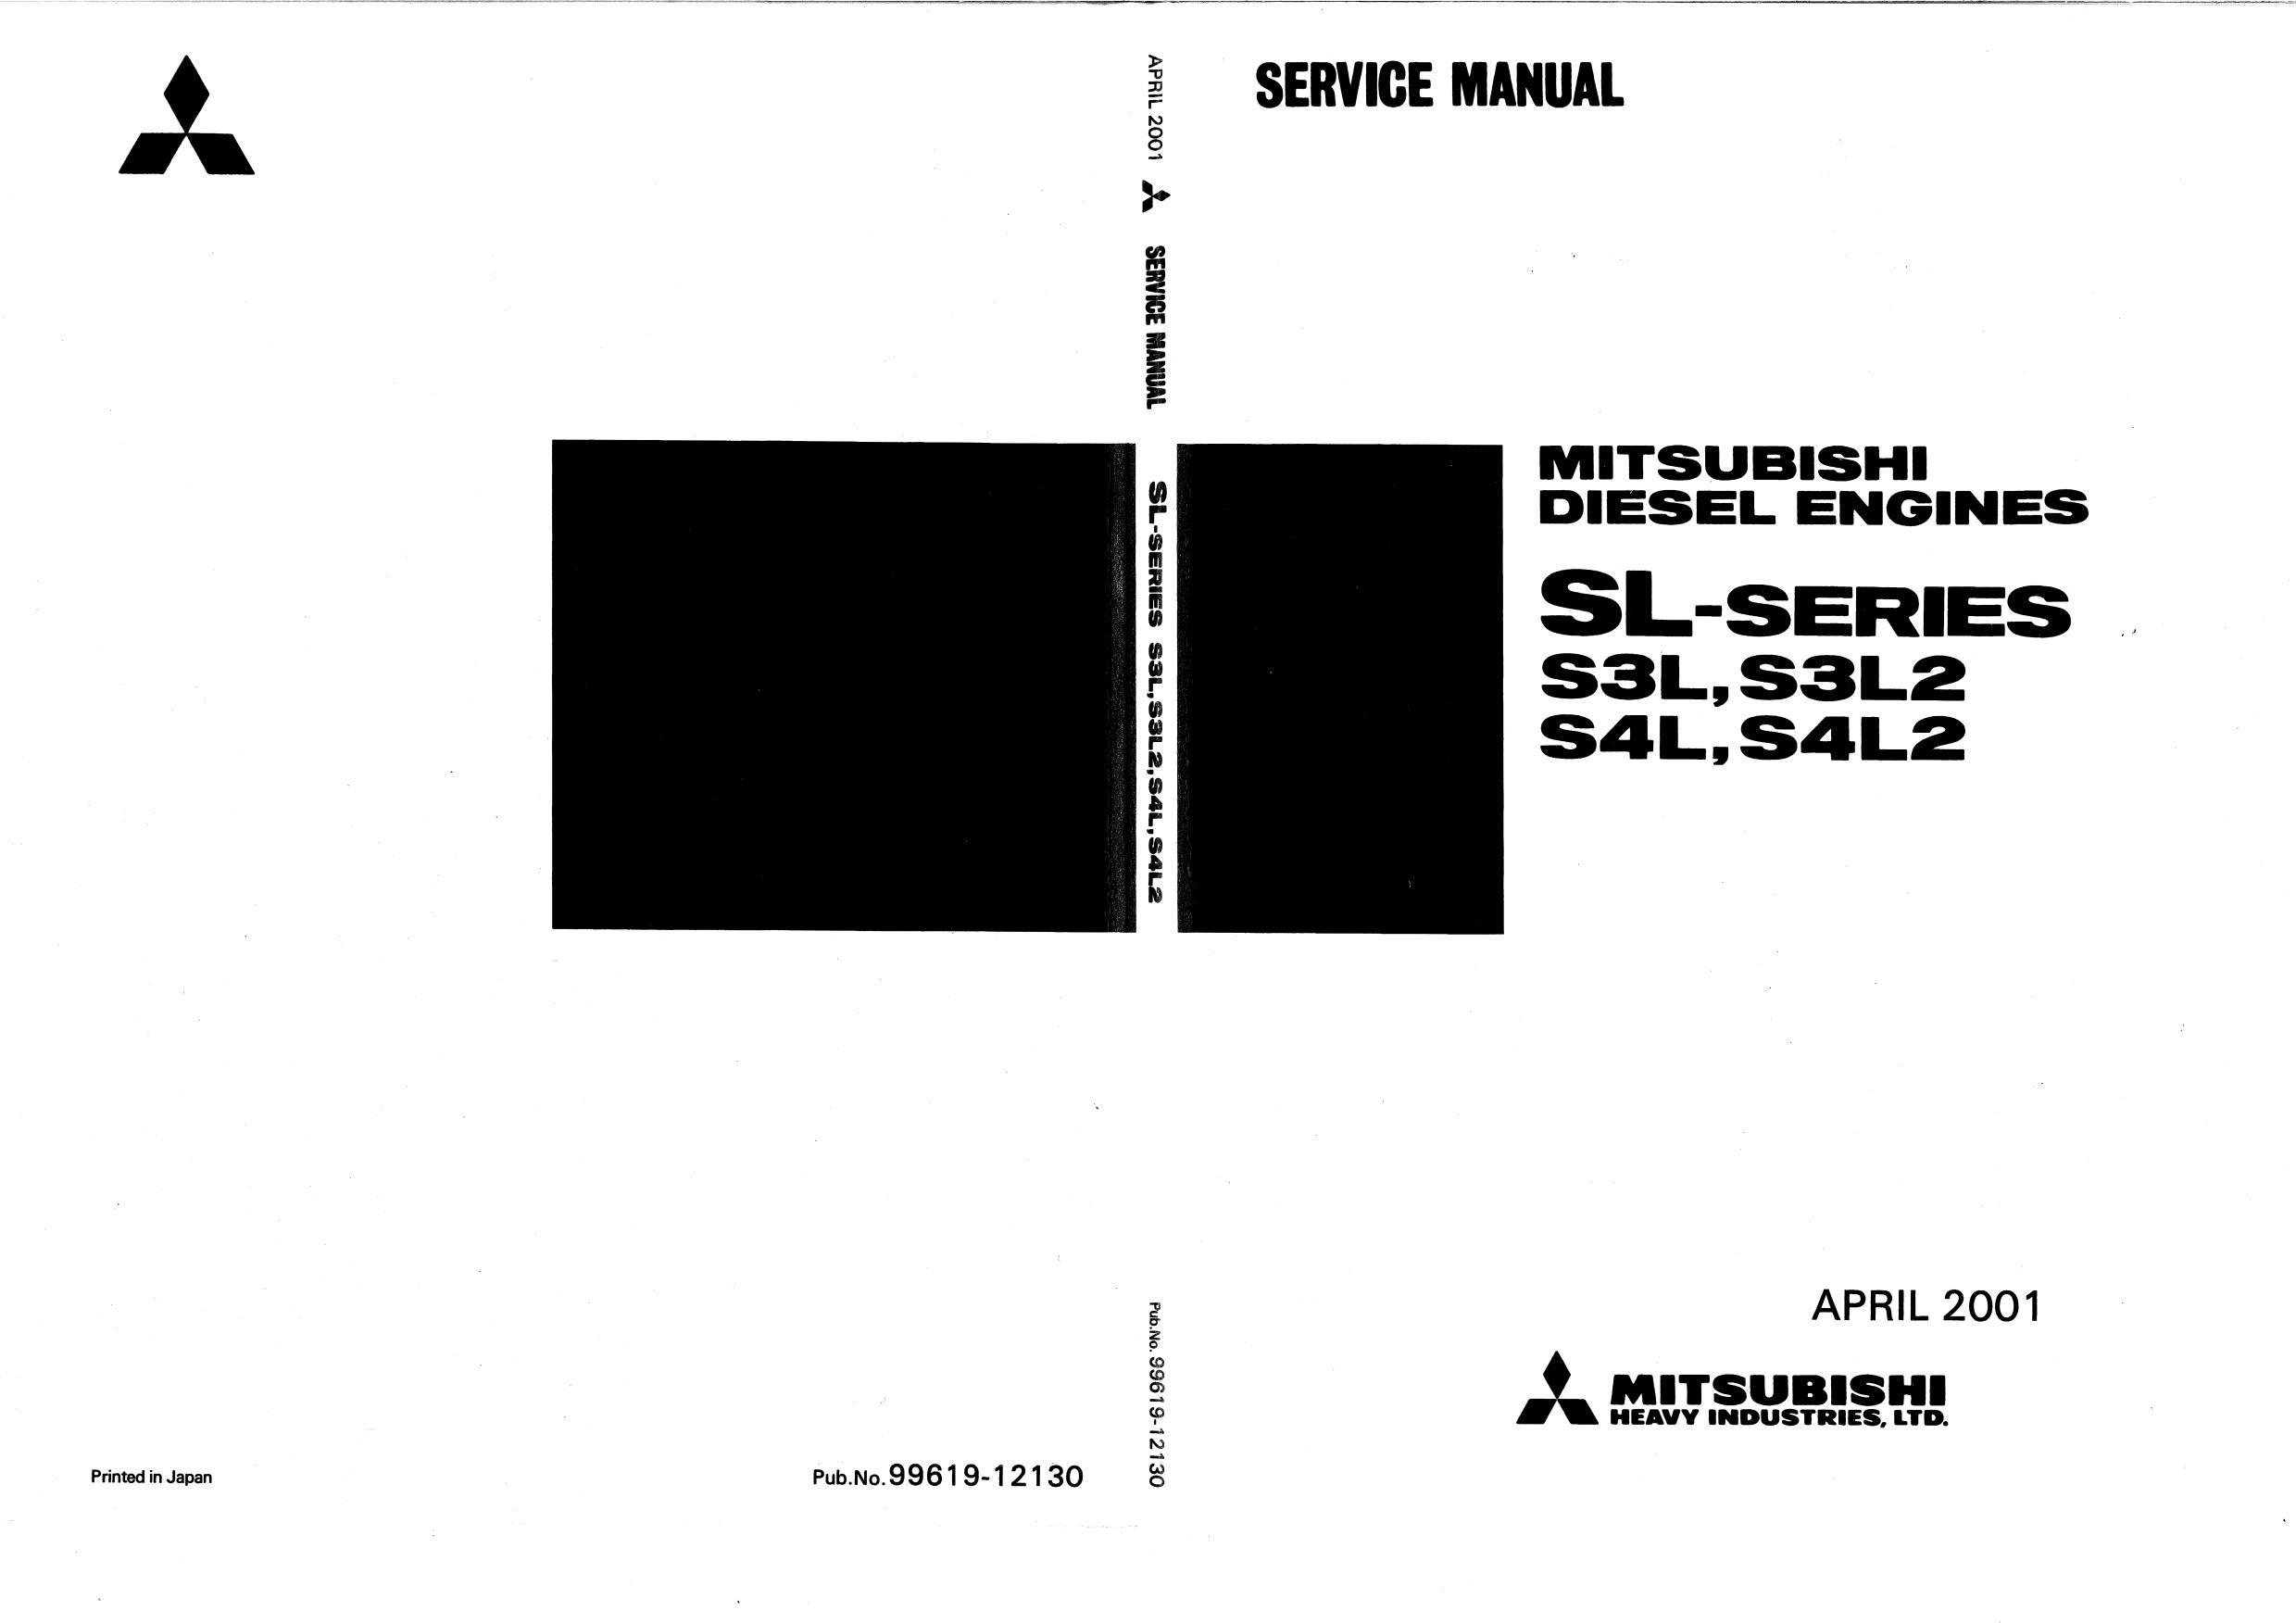 Ремонт и эксплуатация MITSUBISHI SL-SERIES